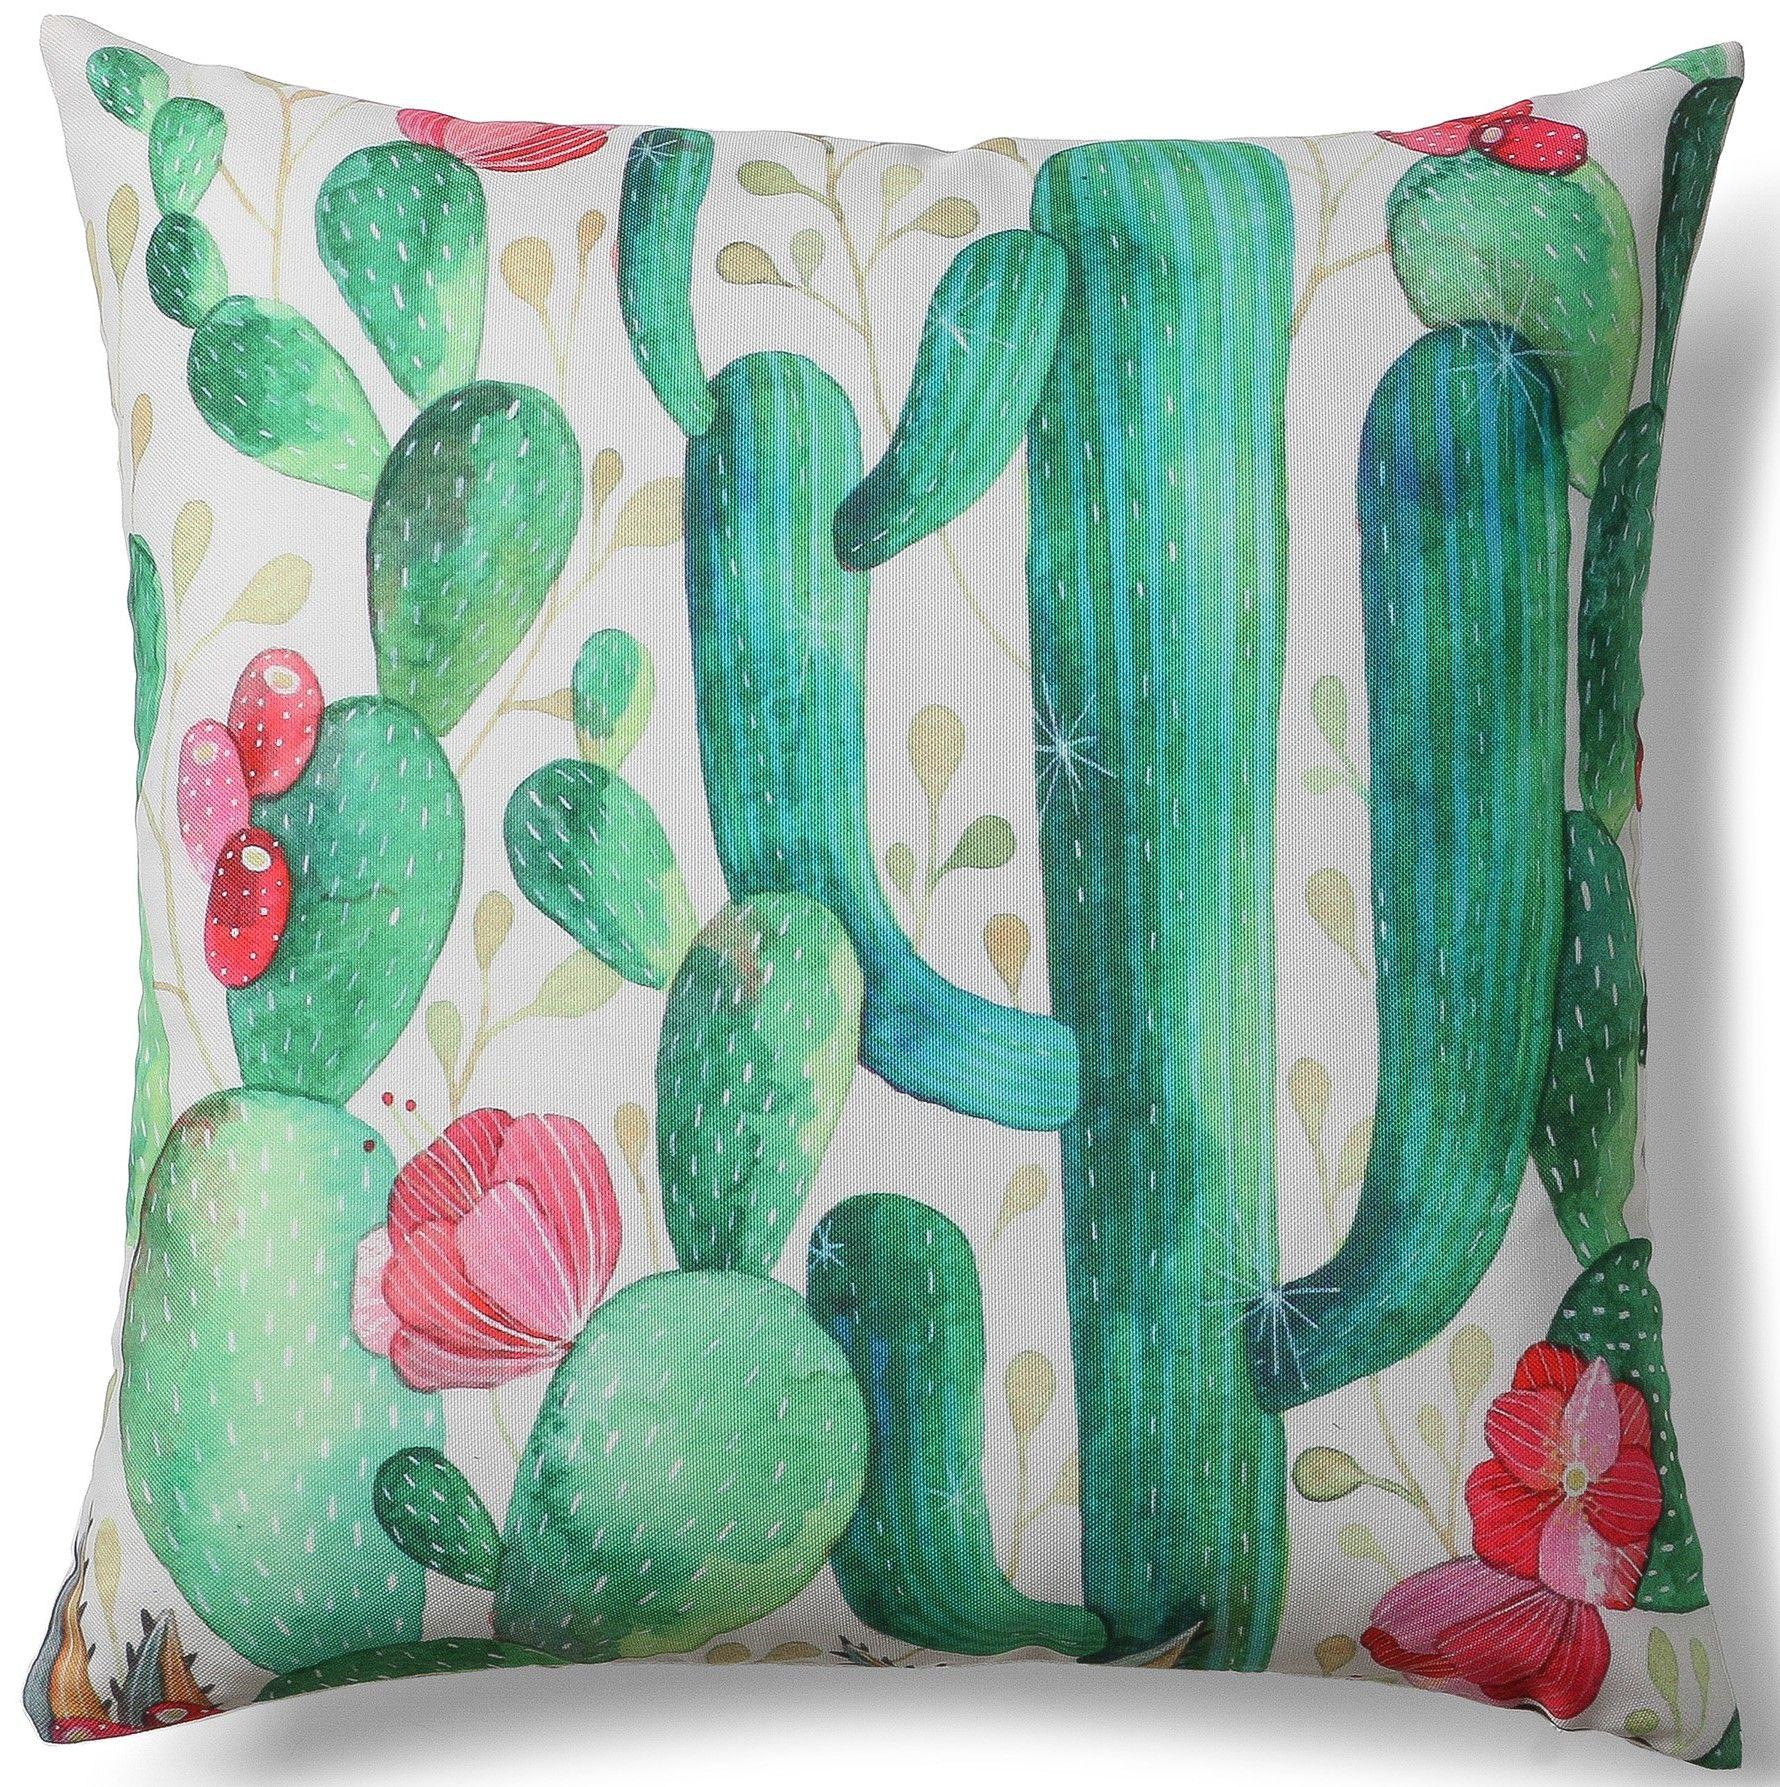 Sognare Cuscini.Un Favoloso Cuscino Decorativo Con Un Meraviglioso Disegno Di